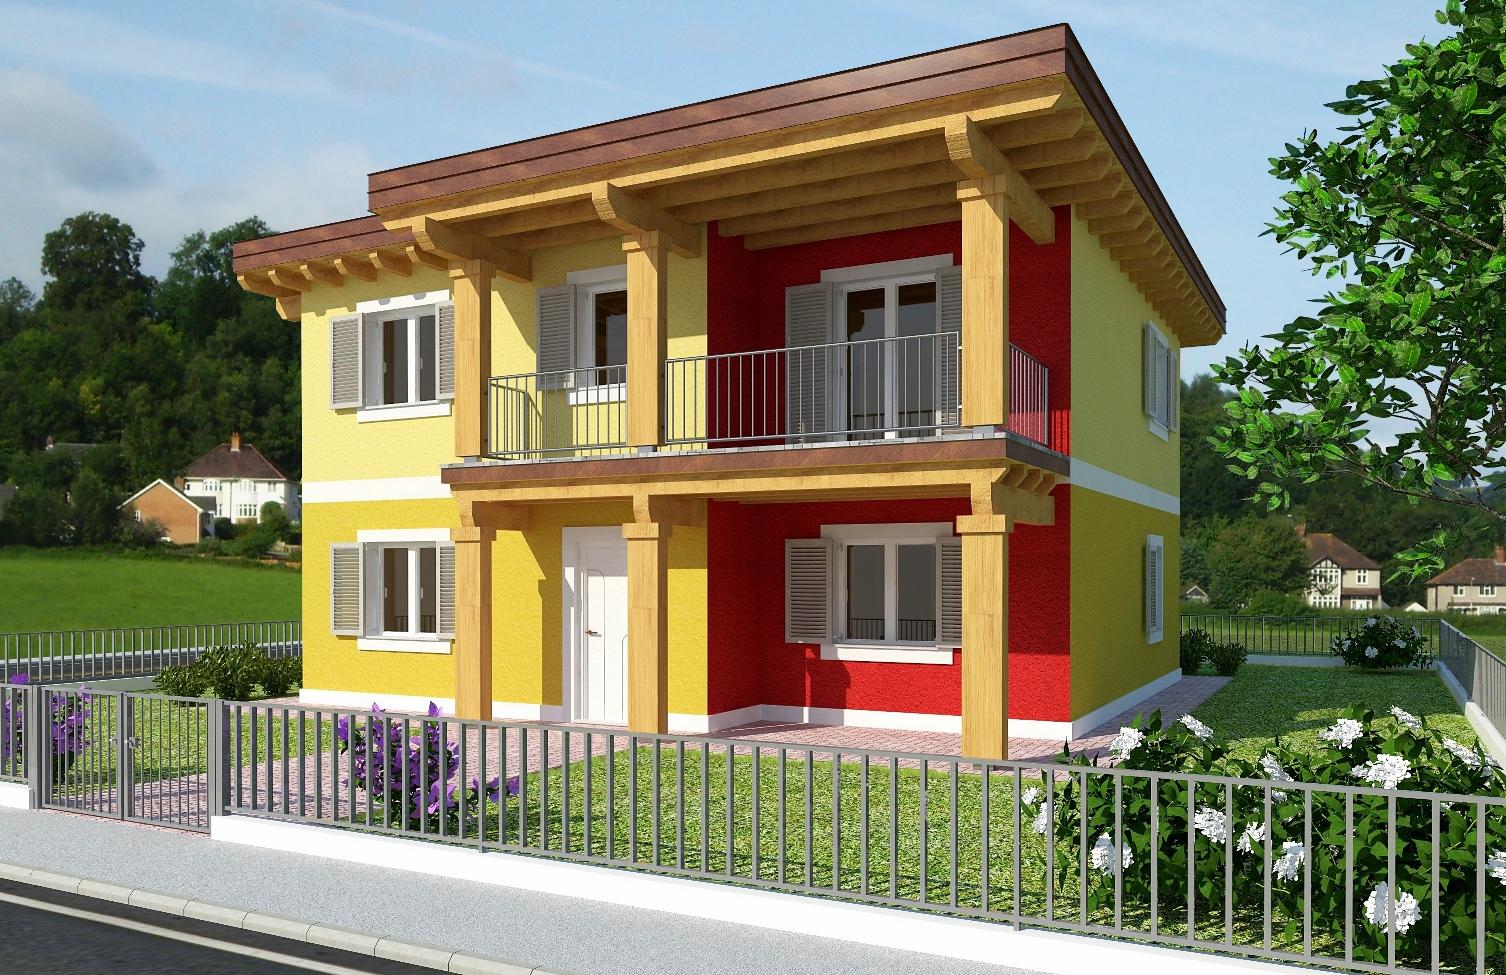 Latest progetti di case moderne progetto villa ad un piano - Decorazioni pareti esterne casa ...